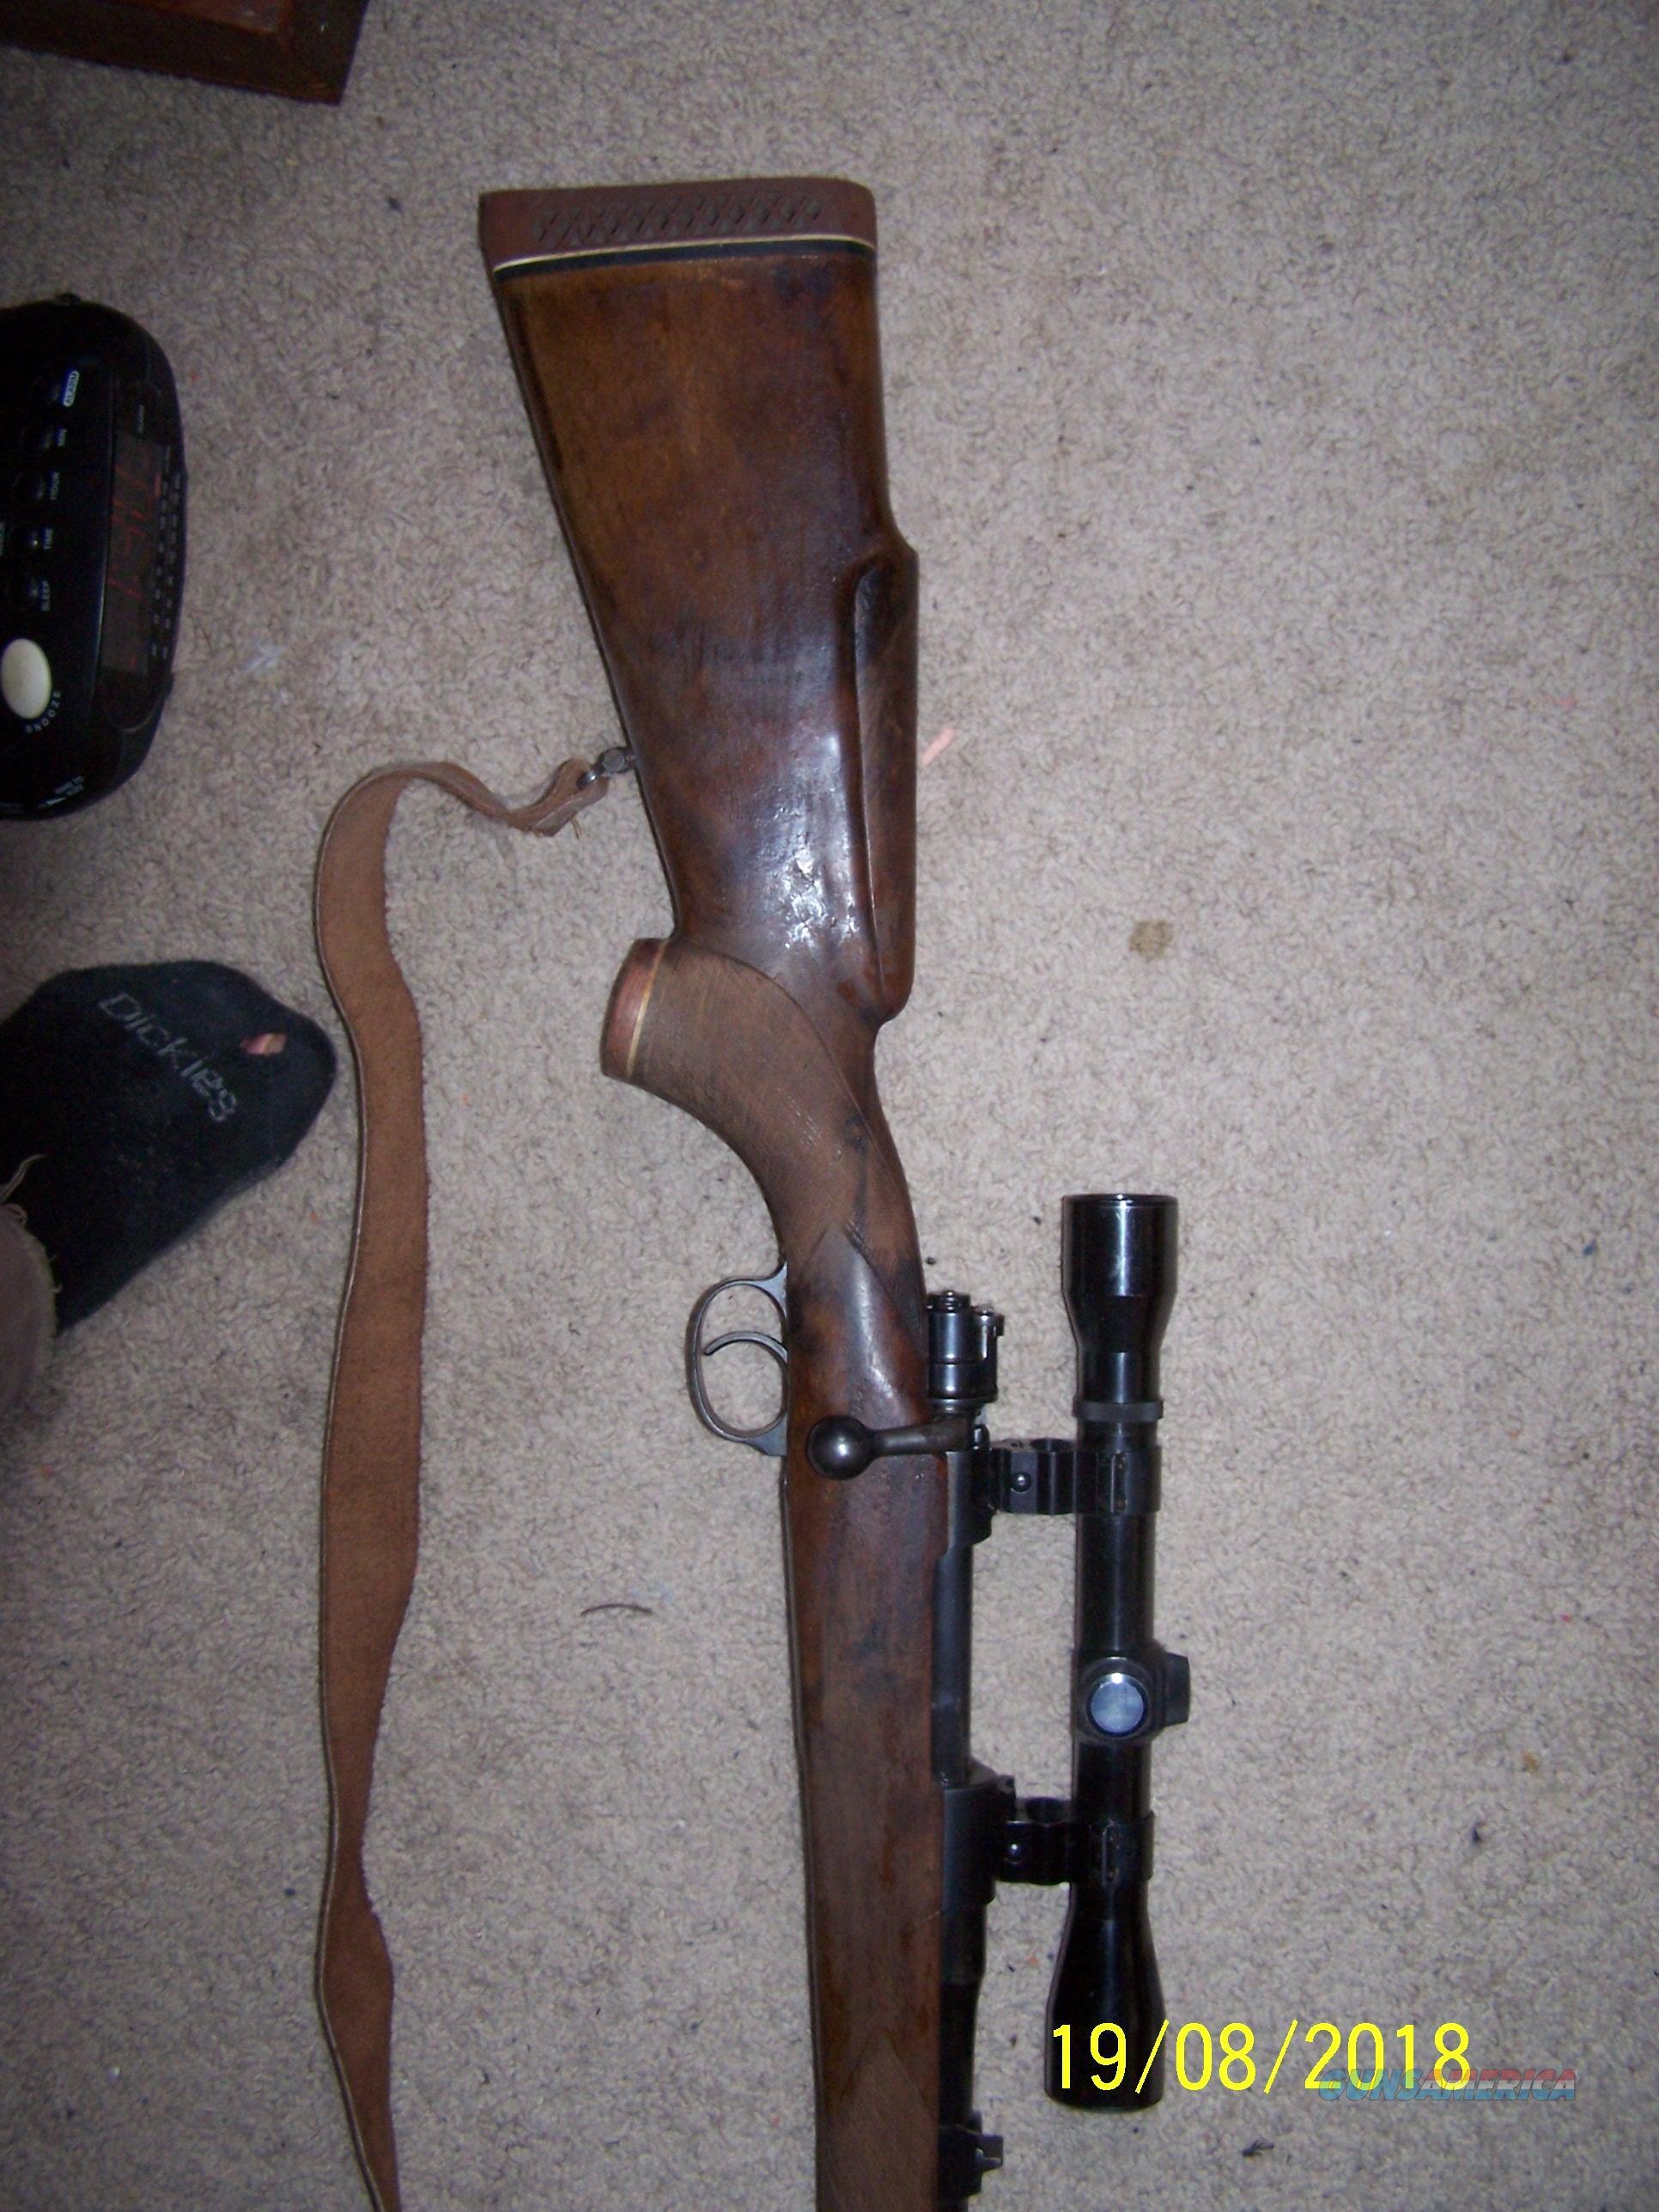 M98 mod. 146 Husqvarna 9.3x63 wildcat Mauser, customized  Guns > Rifles > Husqvarna Rifles